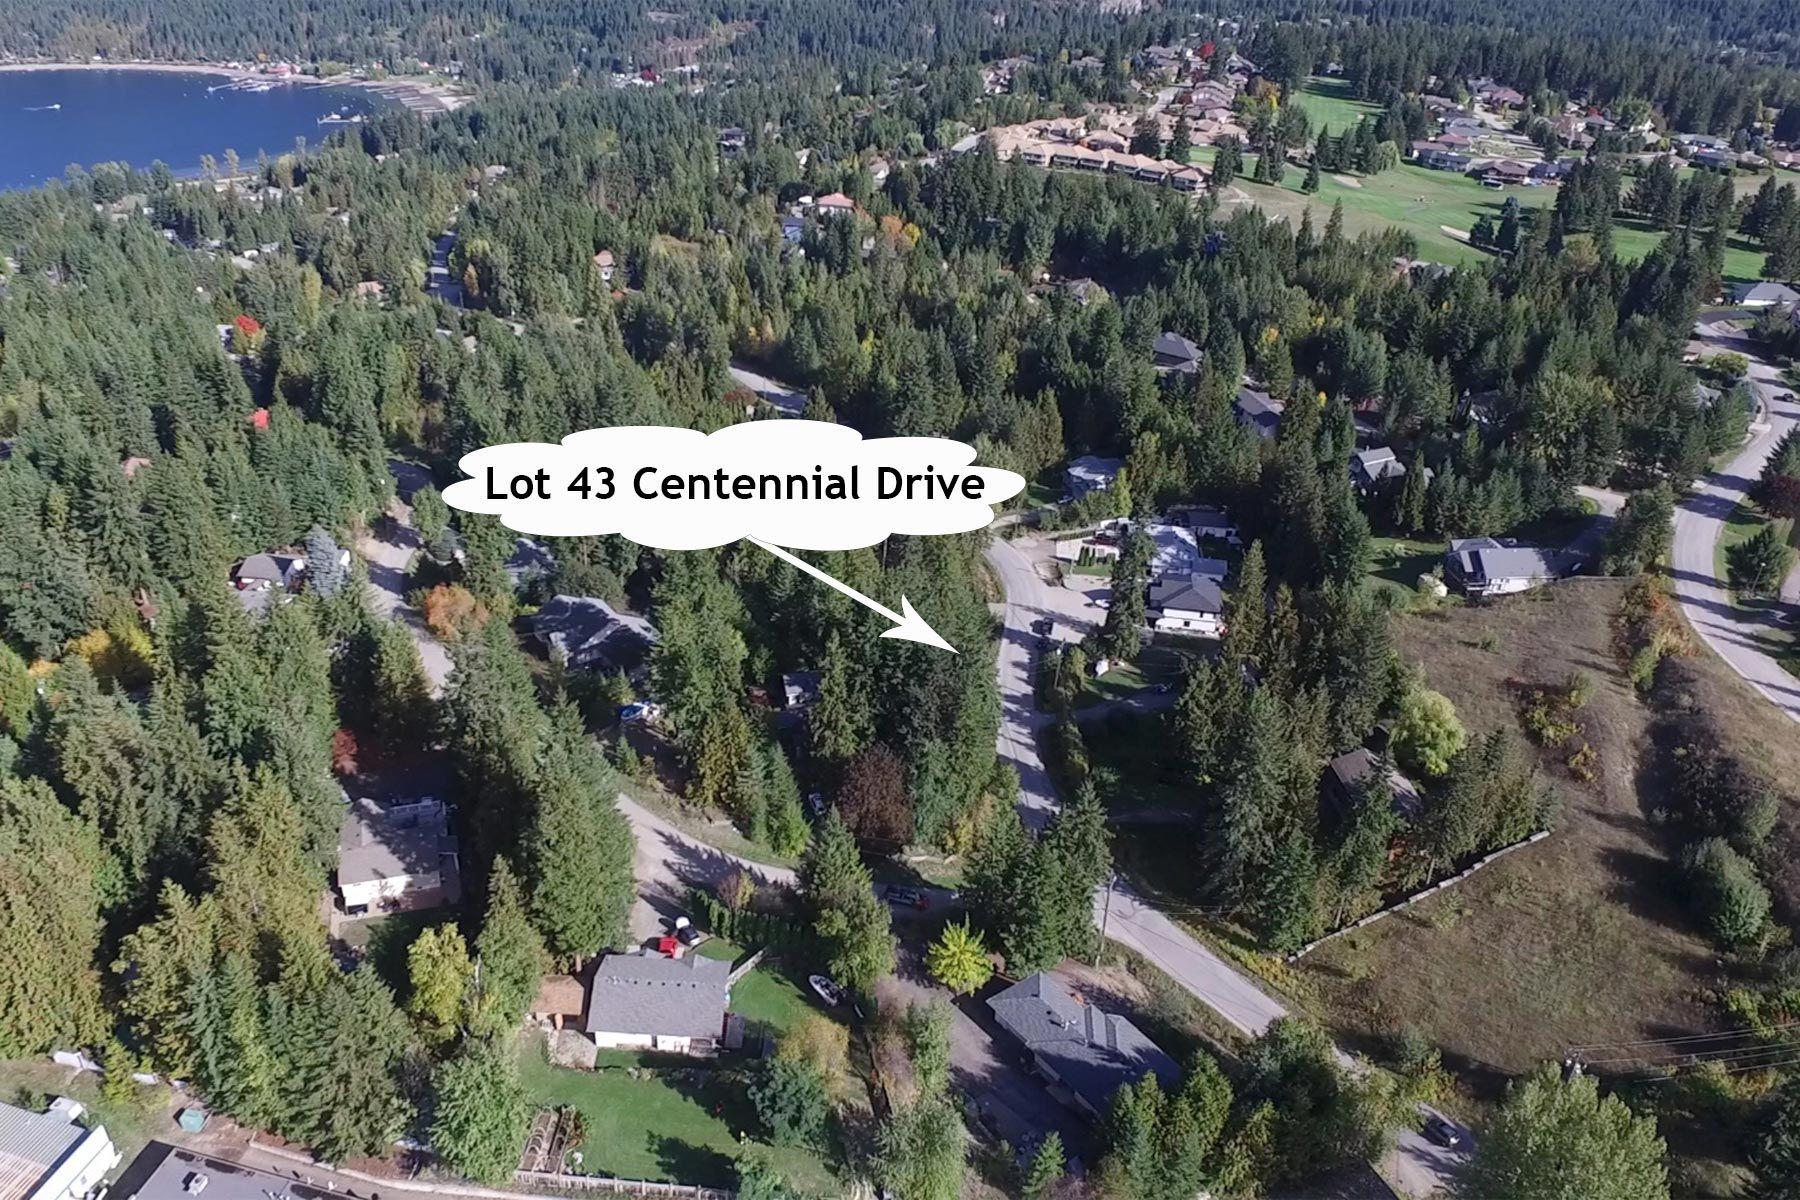 Lot 43 Centennial Drive